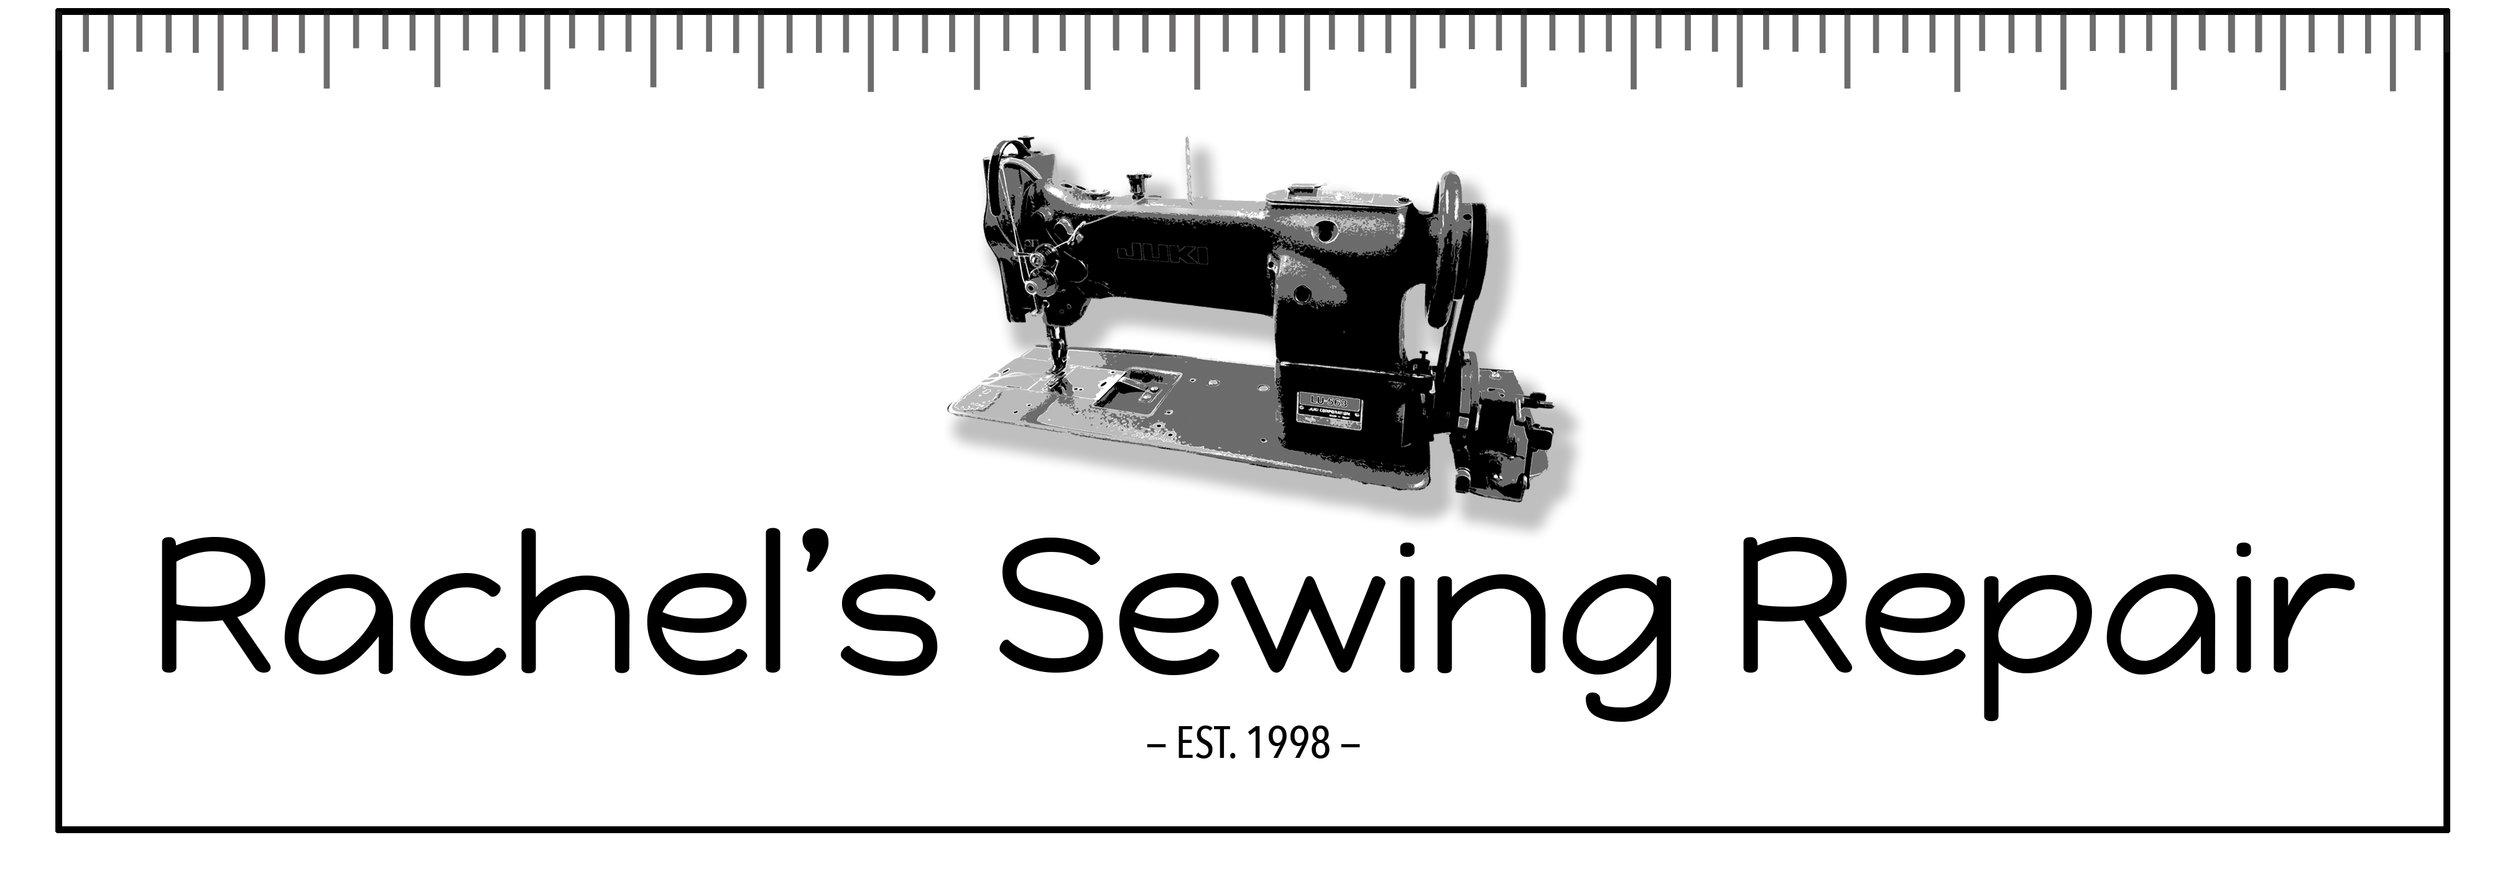 Rachel's Sewing Repair Website